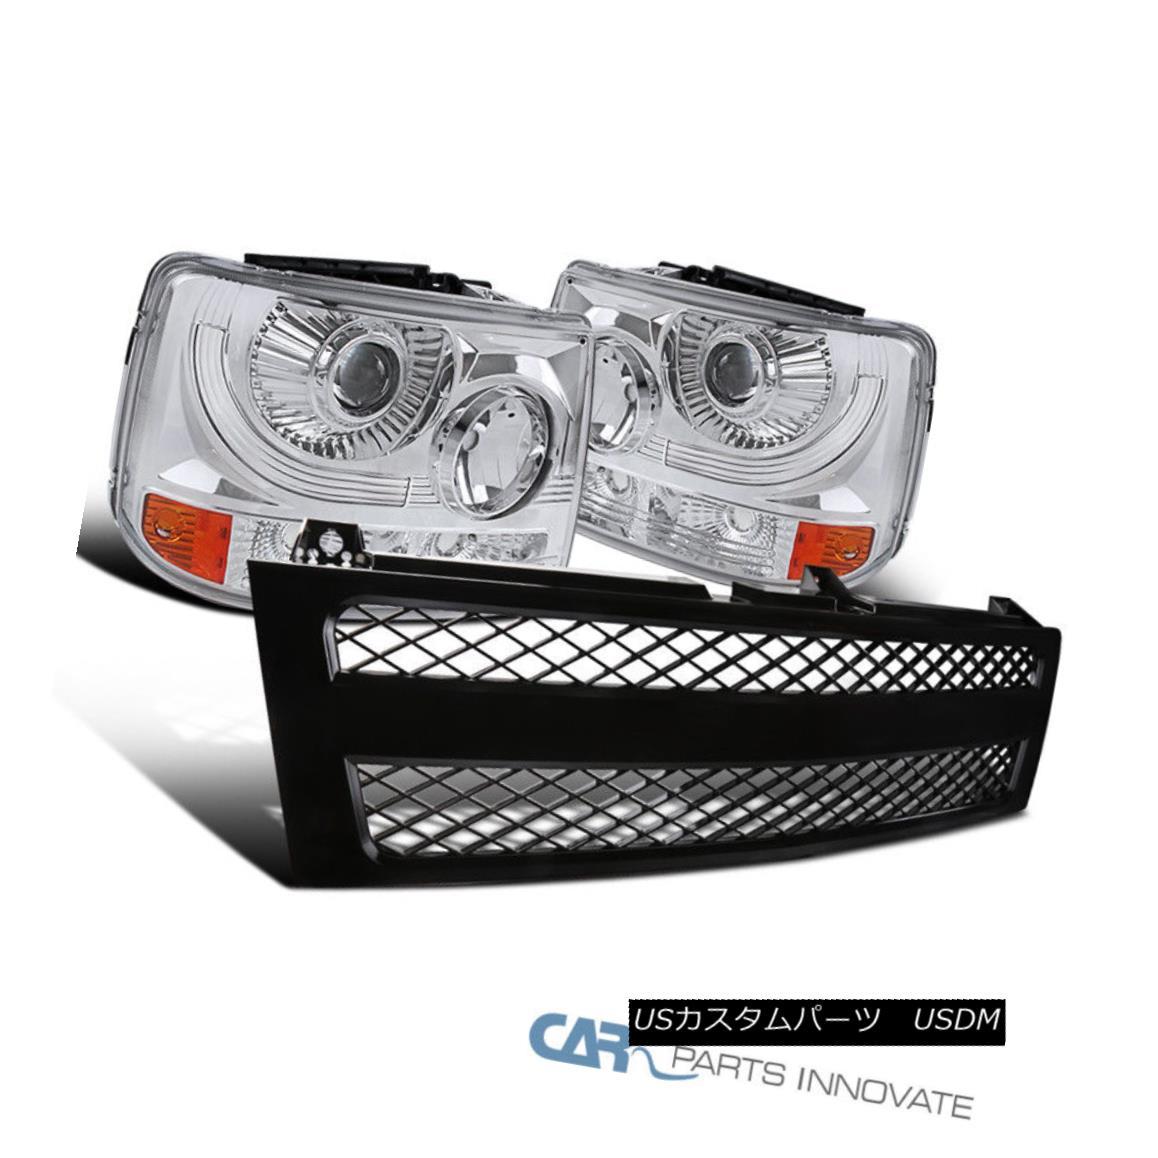 グリル Chevy 99-02 Silverado 2in1 Clear Projector Headlights+Black Mesh Hood Grille Chevy 99-02 Silverado 2in1クリアプロジェクターヘッドライト+ Bla ckメッシュフードグリル